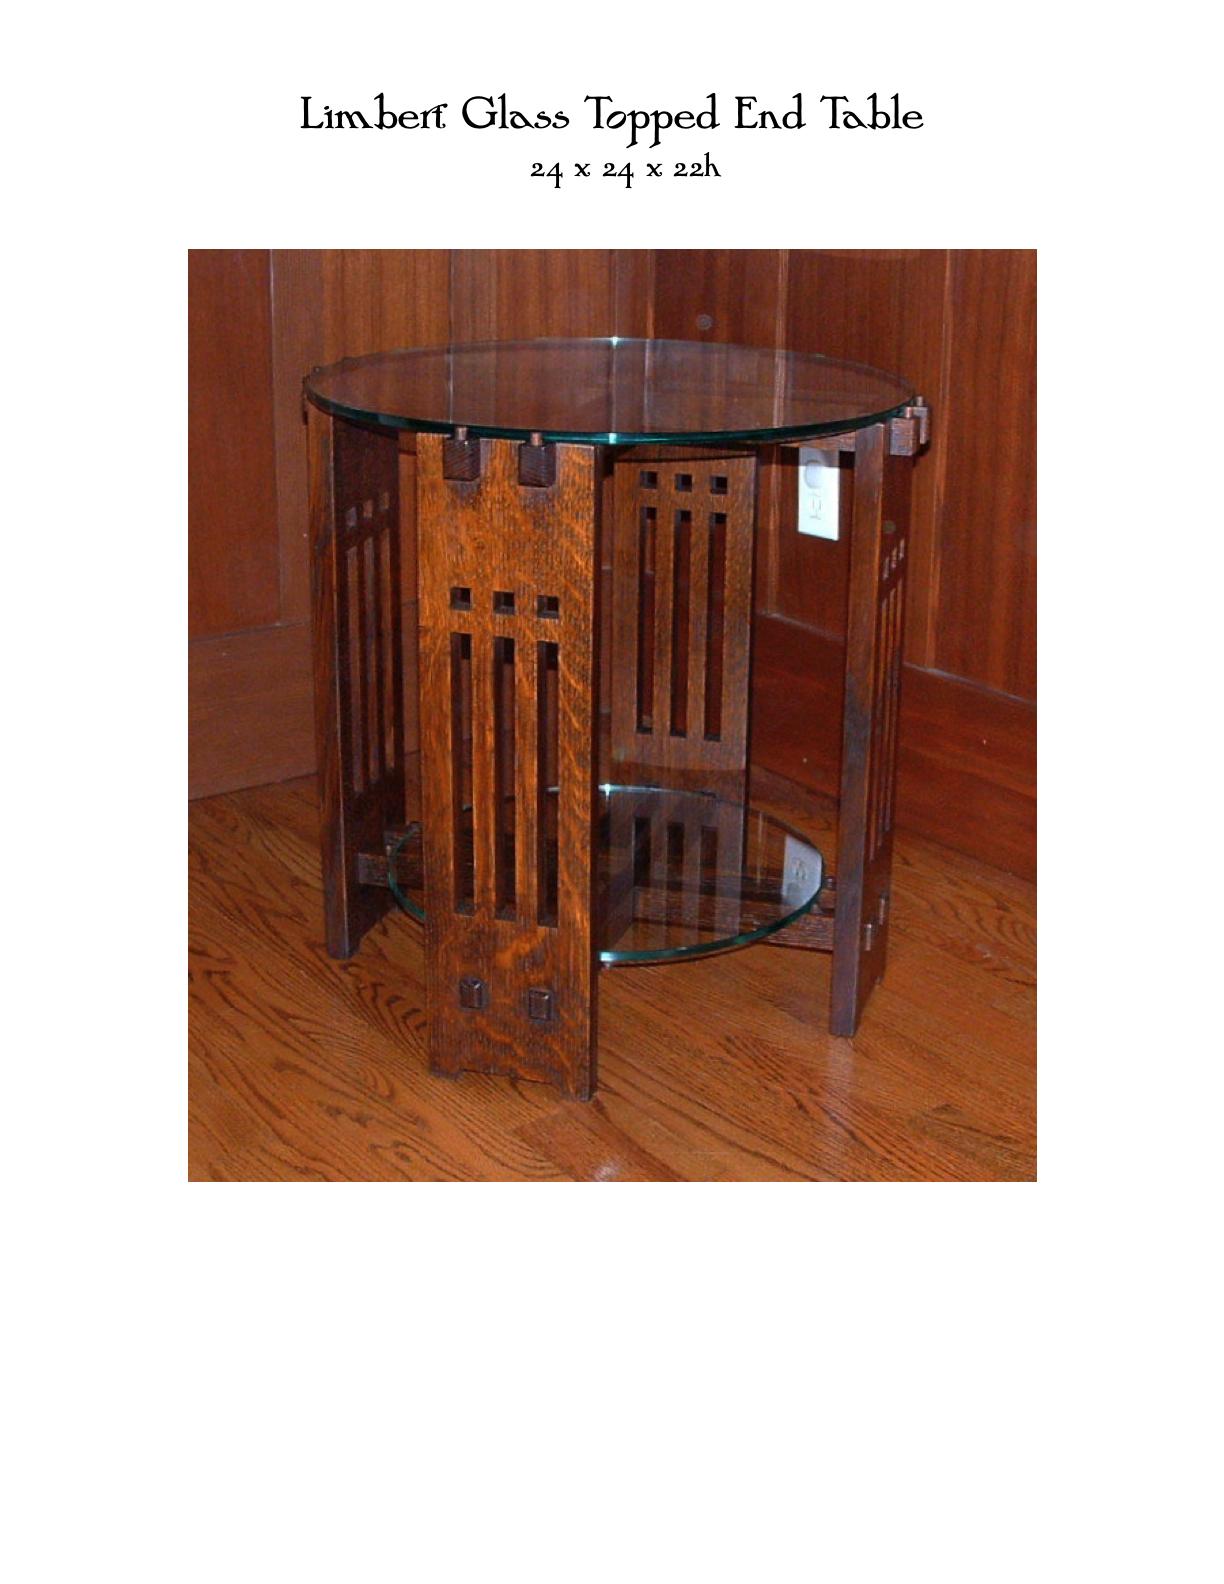 Mike Devlin Furniture Design